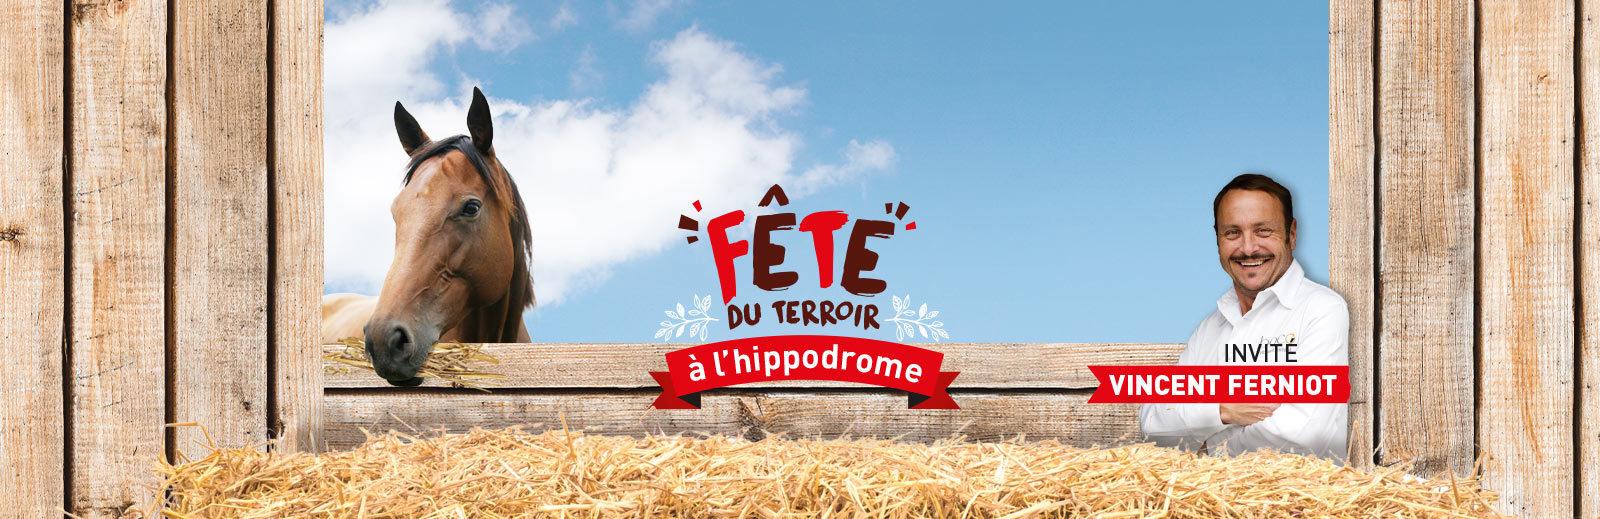 Fête Du Terroir Dimanche 3 Décembre - Vincennes Hippodrome concernant Invitation Hippodrome Vincennes